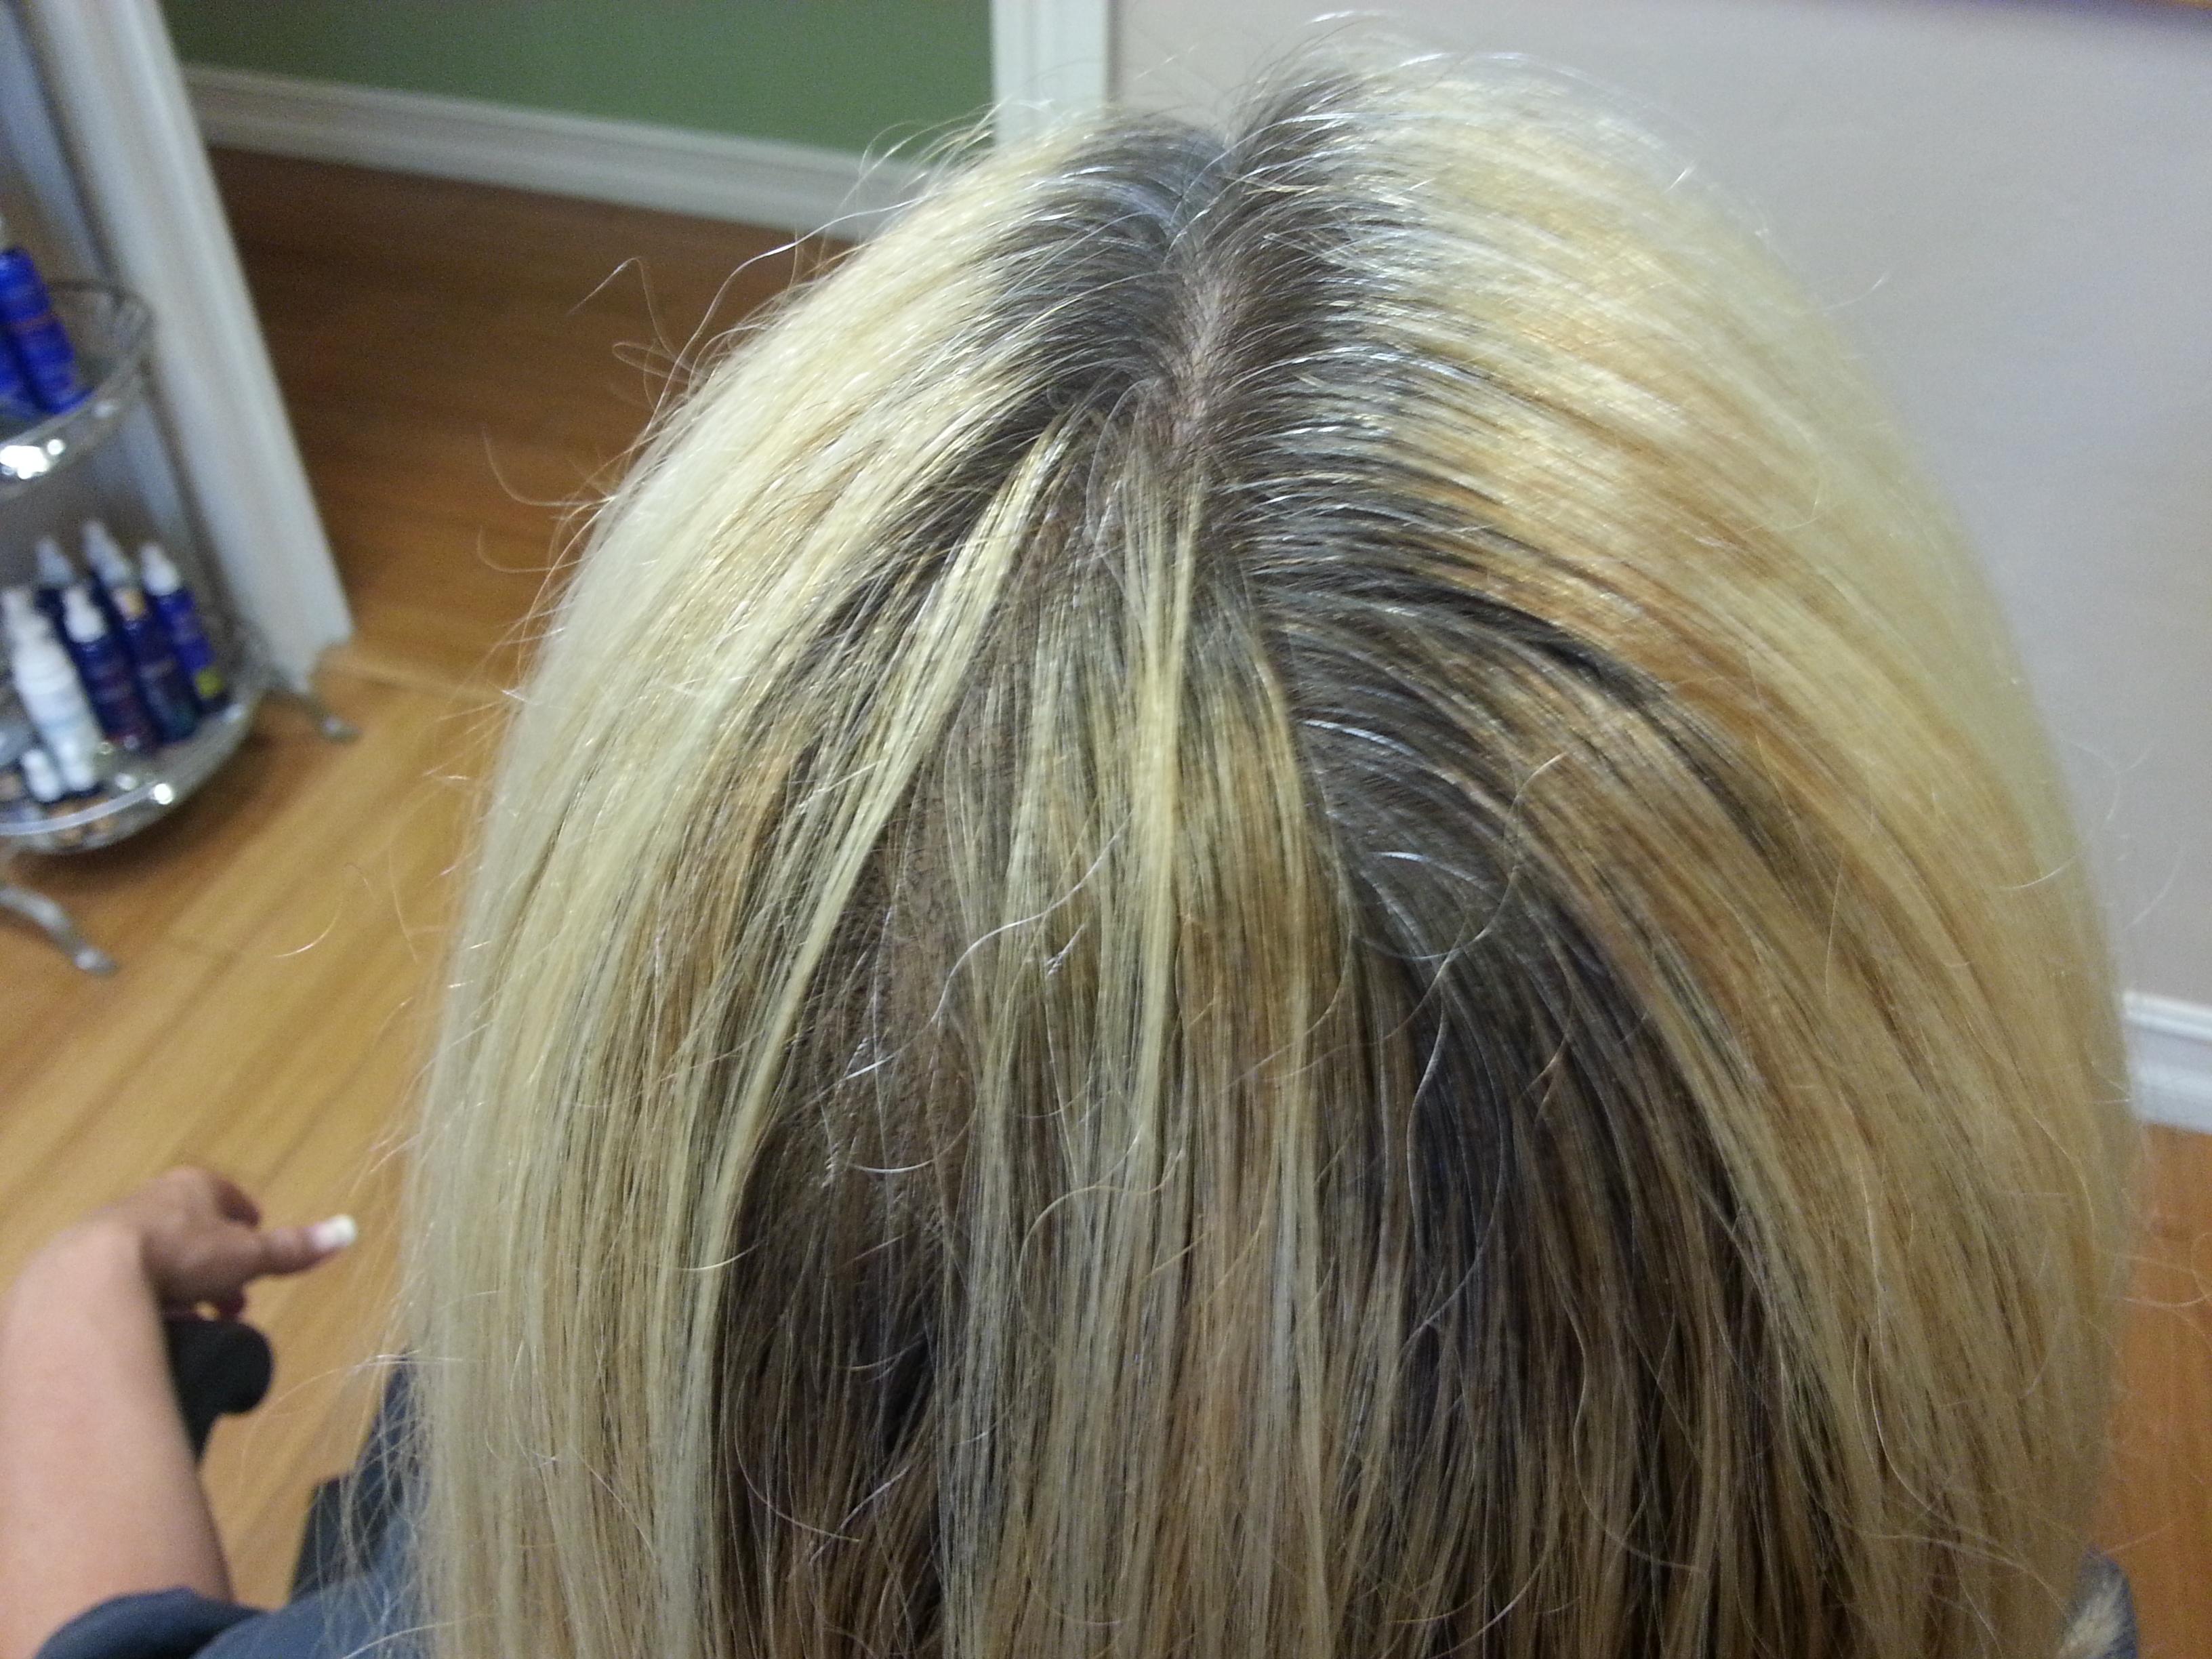 The Hair Color Review By Melanie Nickels Melanie Nickels